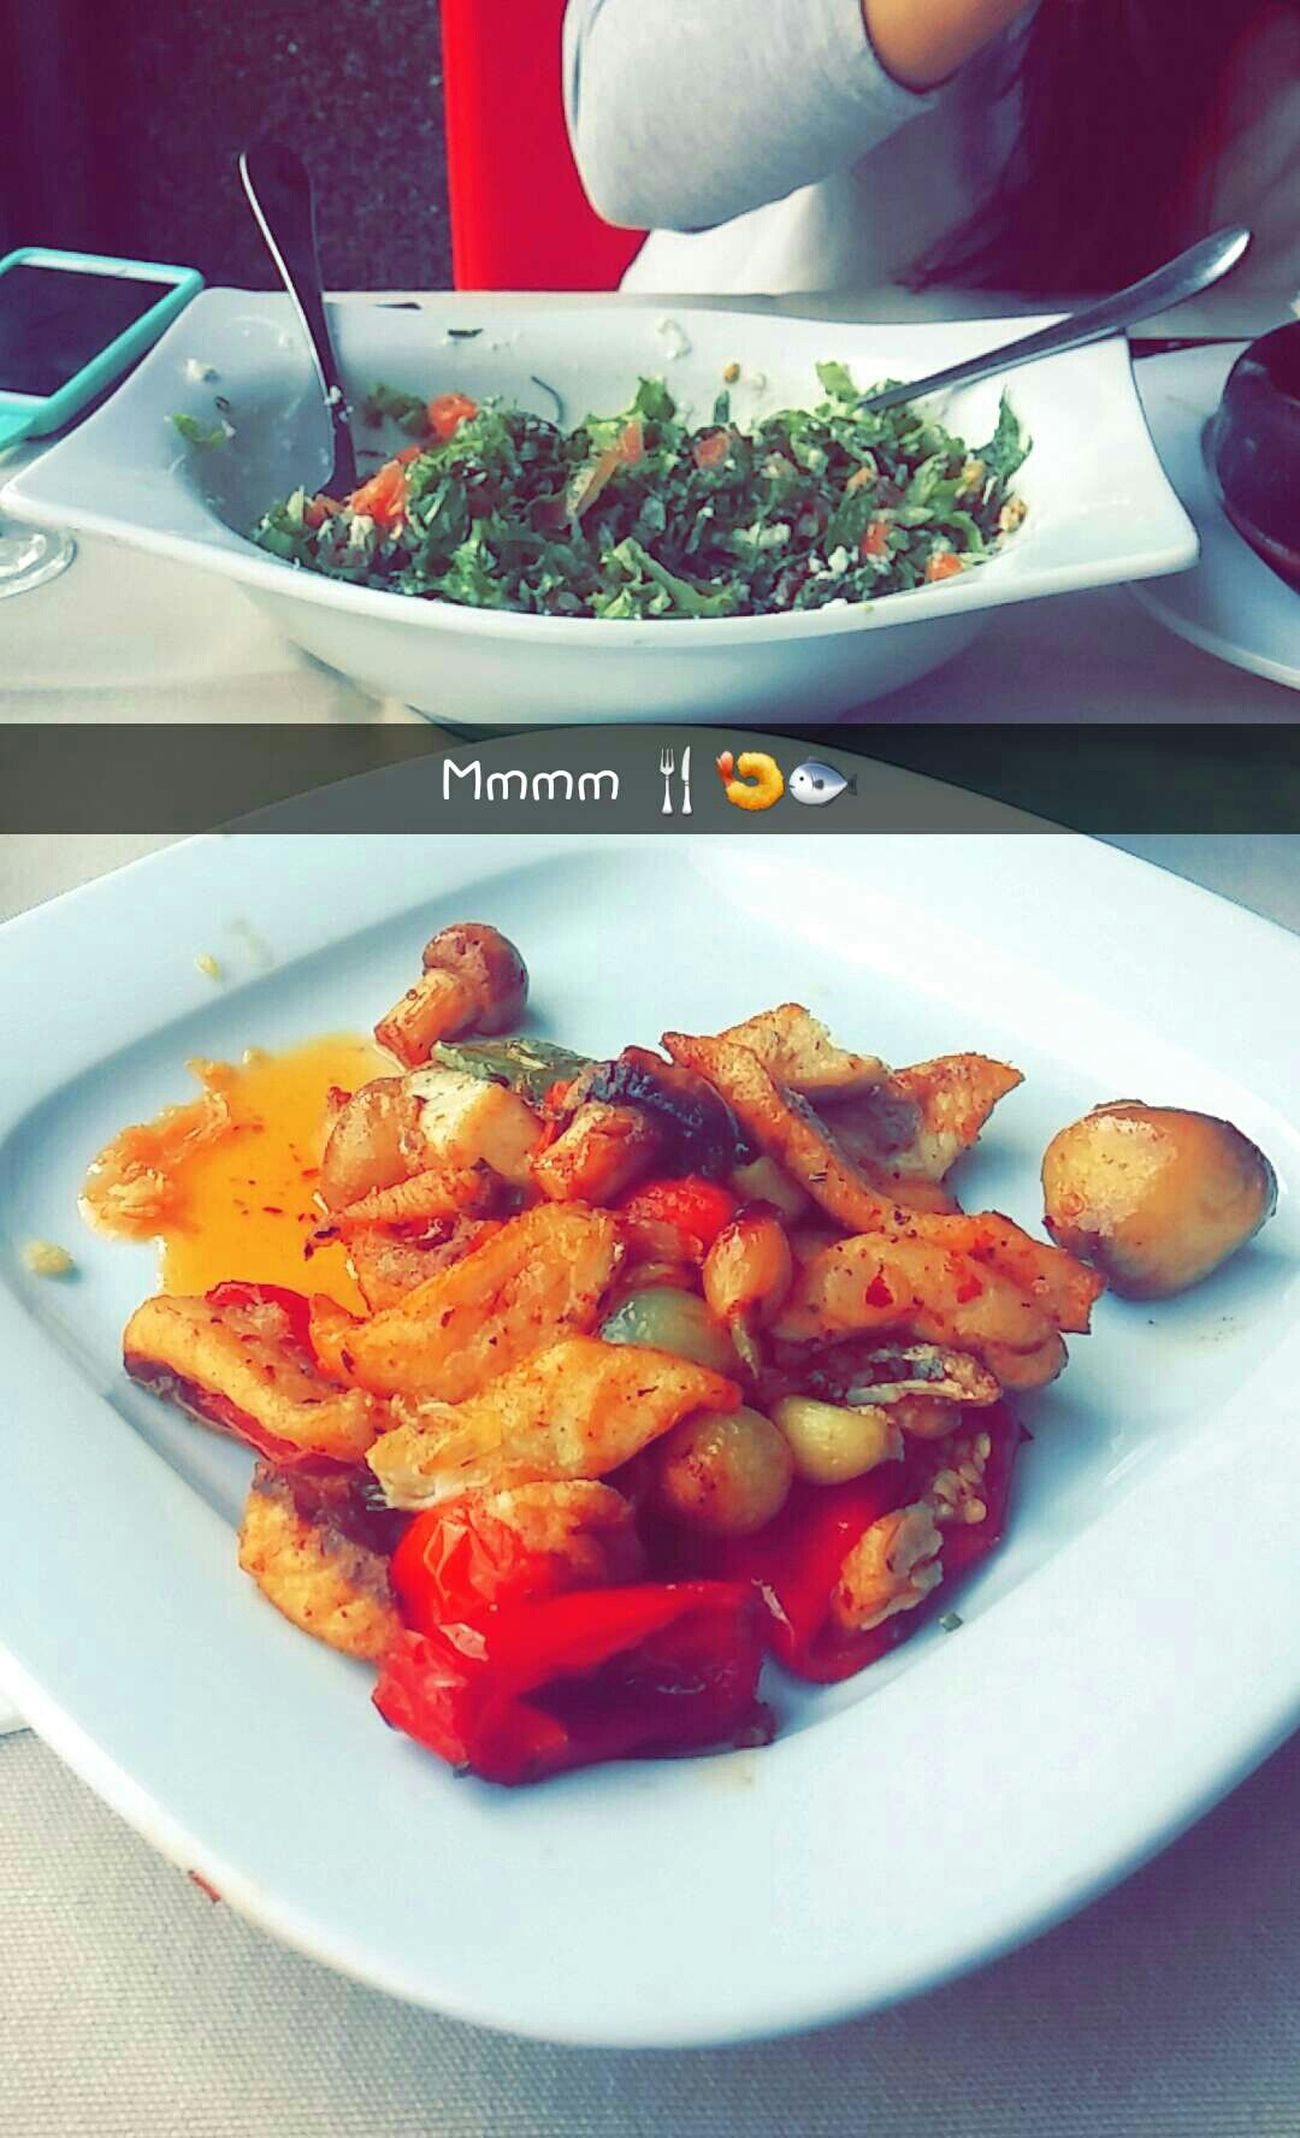 Fish Balık Istanbul Turkey Florya Yeşilköy Sahili Lunch Eating Hummus Dinner Falafel